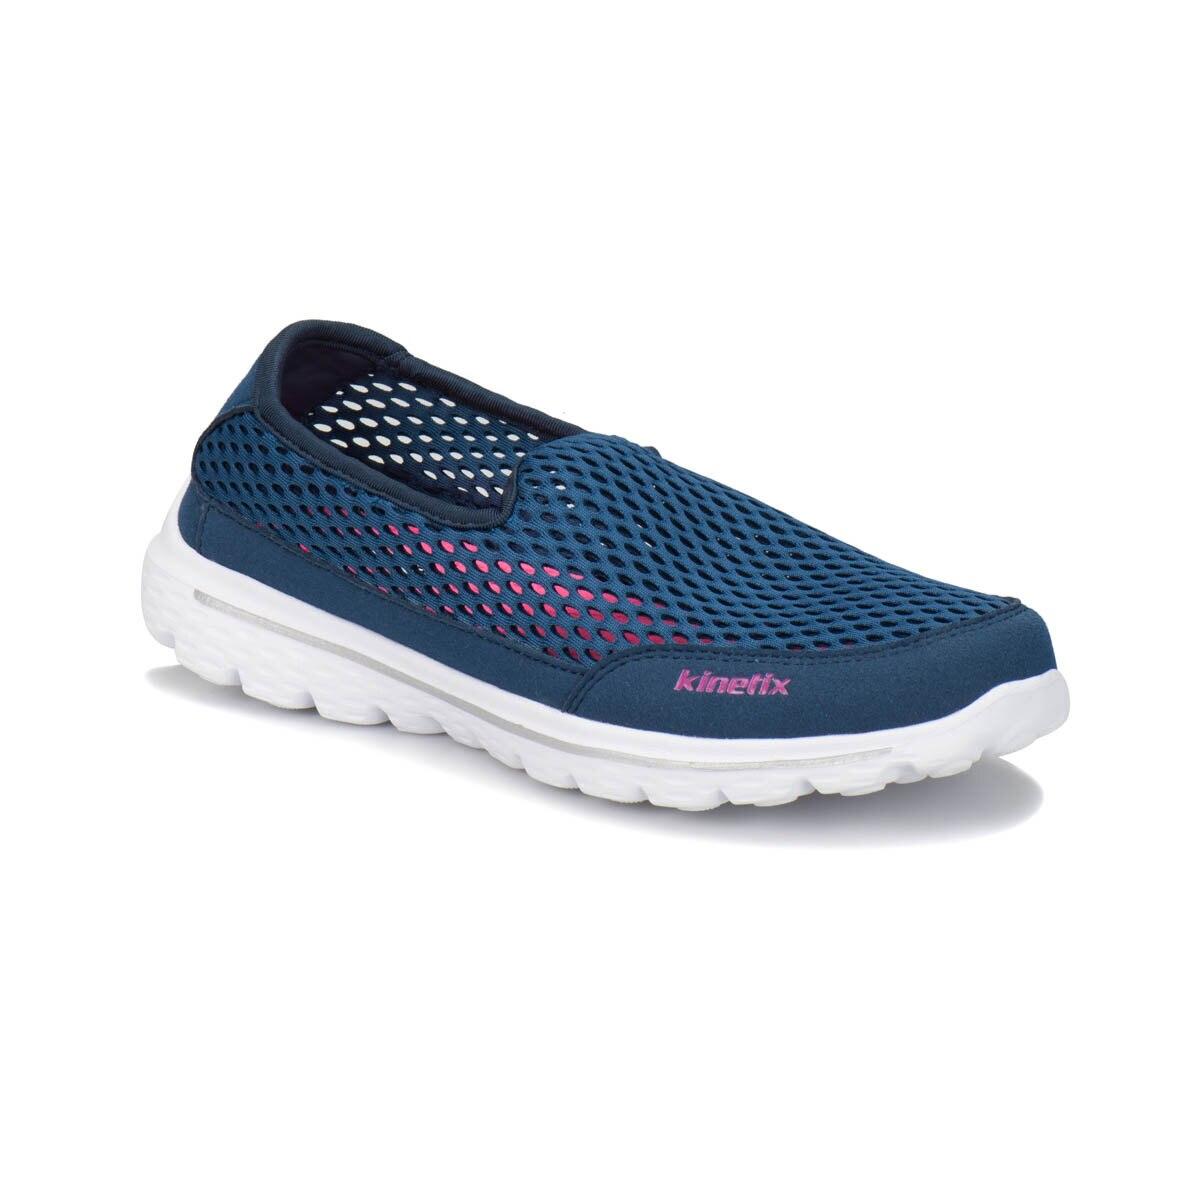 FLO HODOR W Navy Blue Women 'S Walking Shoes KINETIX